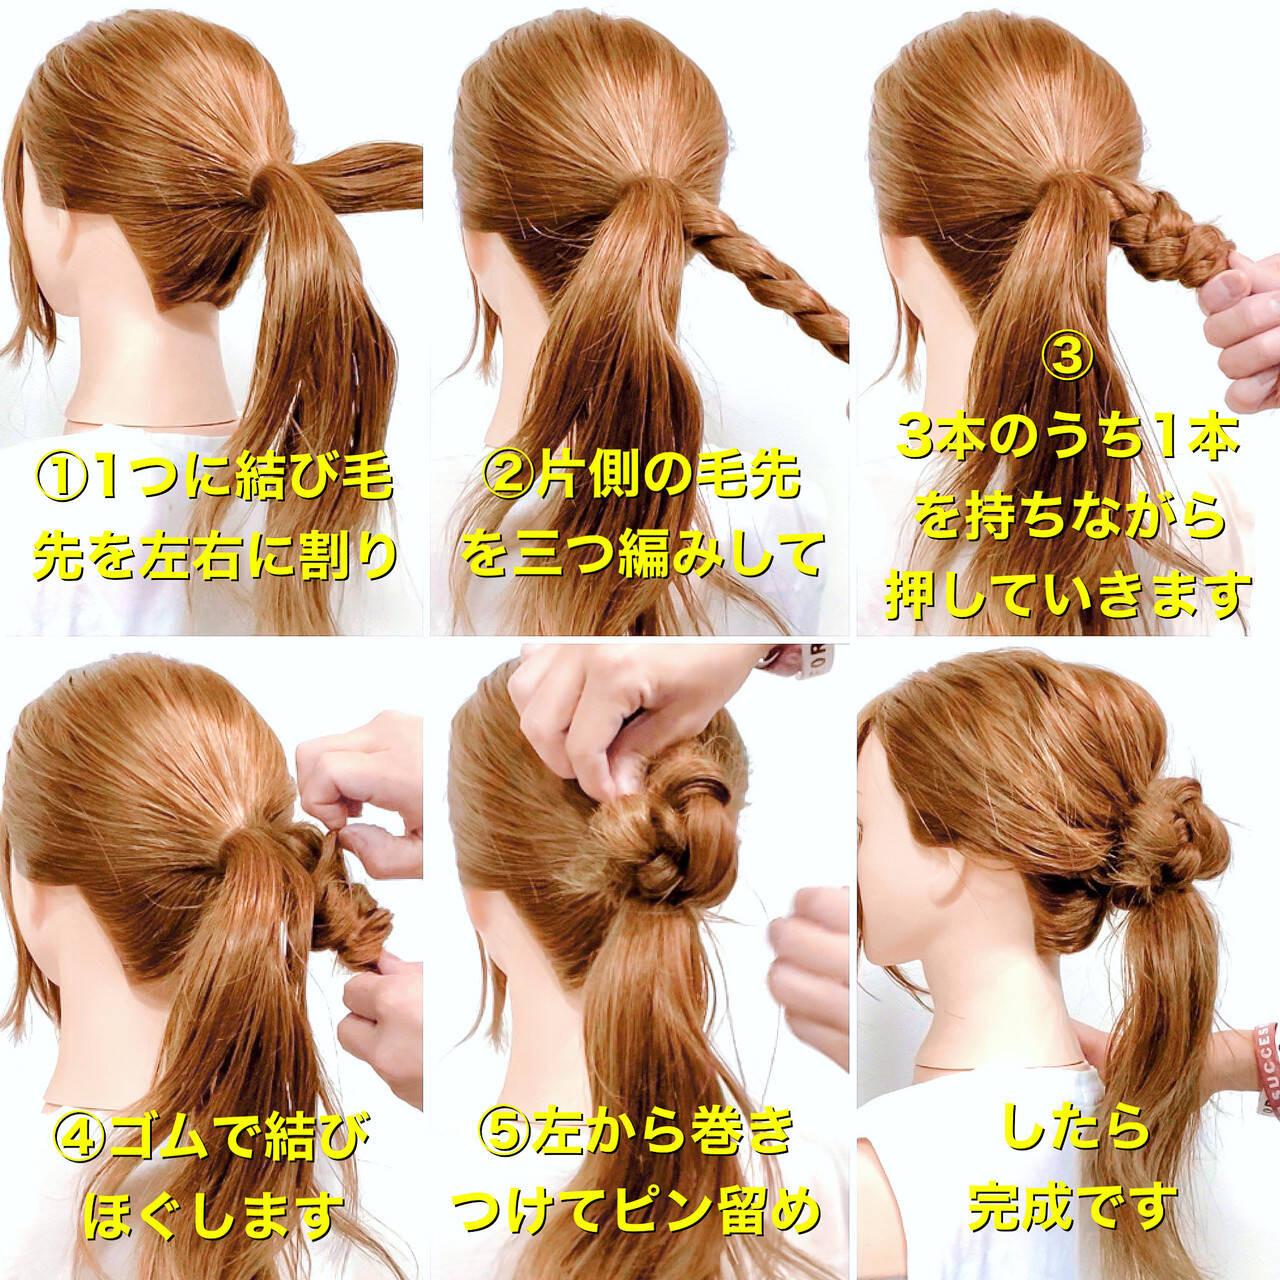 ざっくりポニーテール 美容師HIRO/Amoute代表  Amoute/アムティ